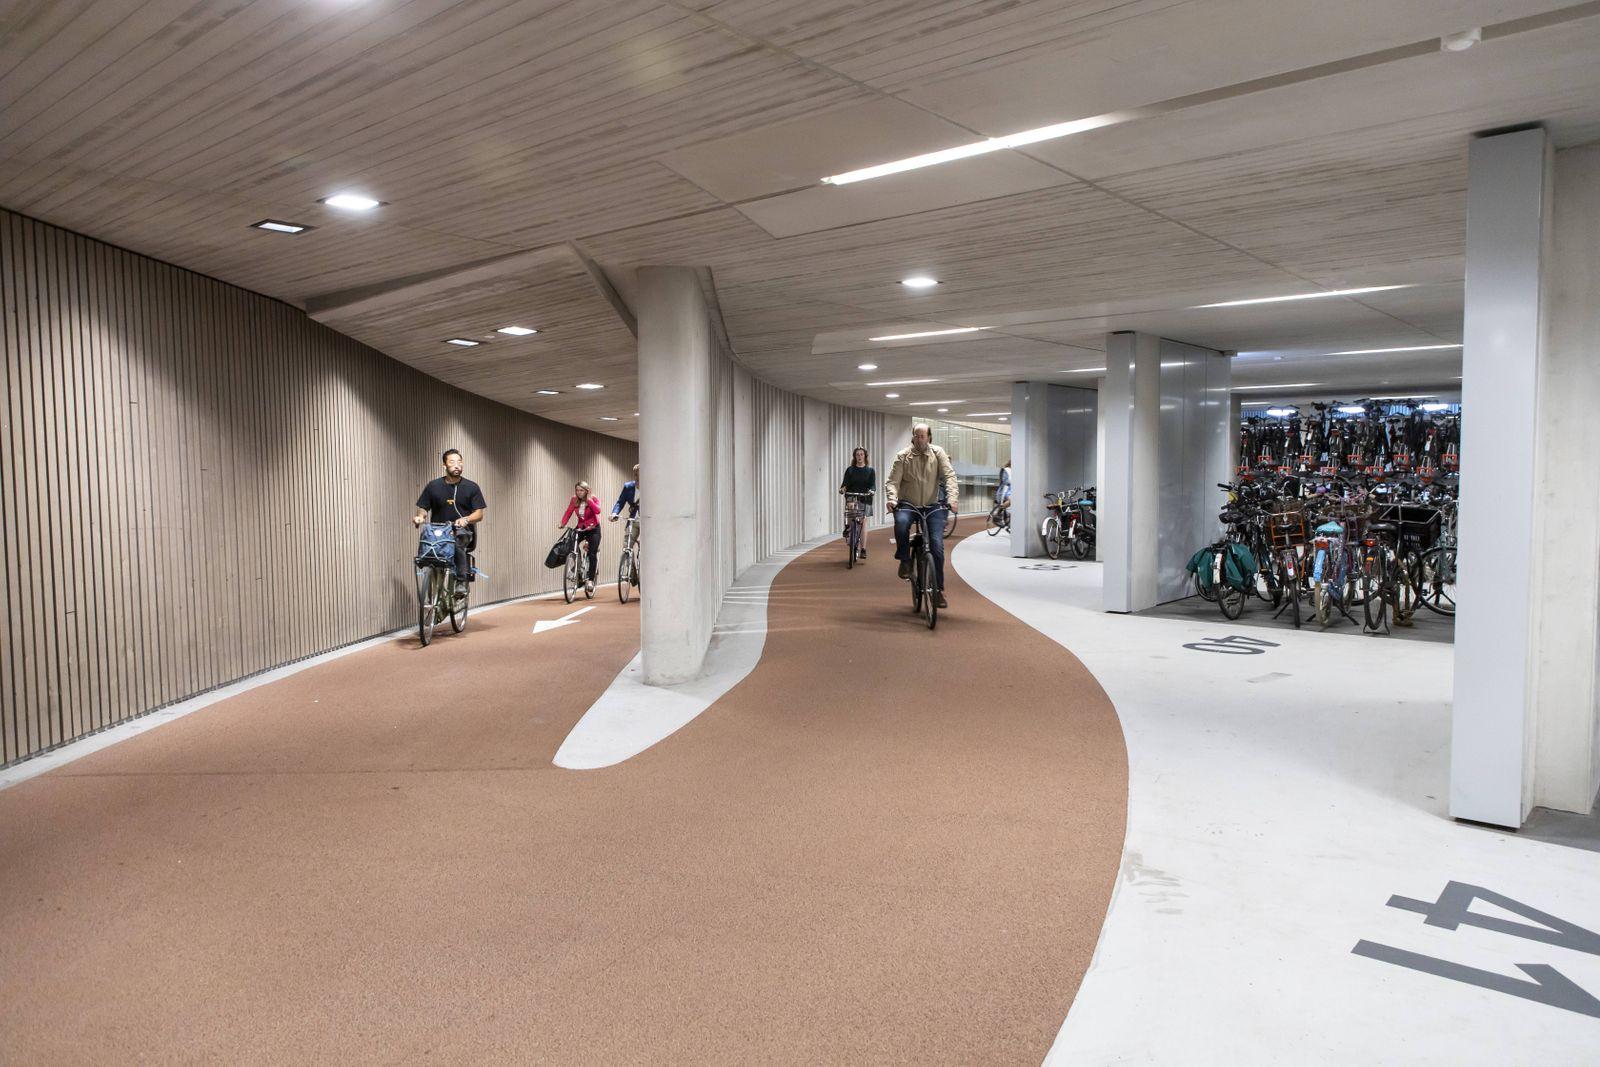 Fahrradparkhaus in Utrecht Niederlande mit ¸ber 13 000 Stellpl?tzen das gr??te Parkhaus f¸r Fahrr